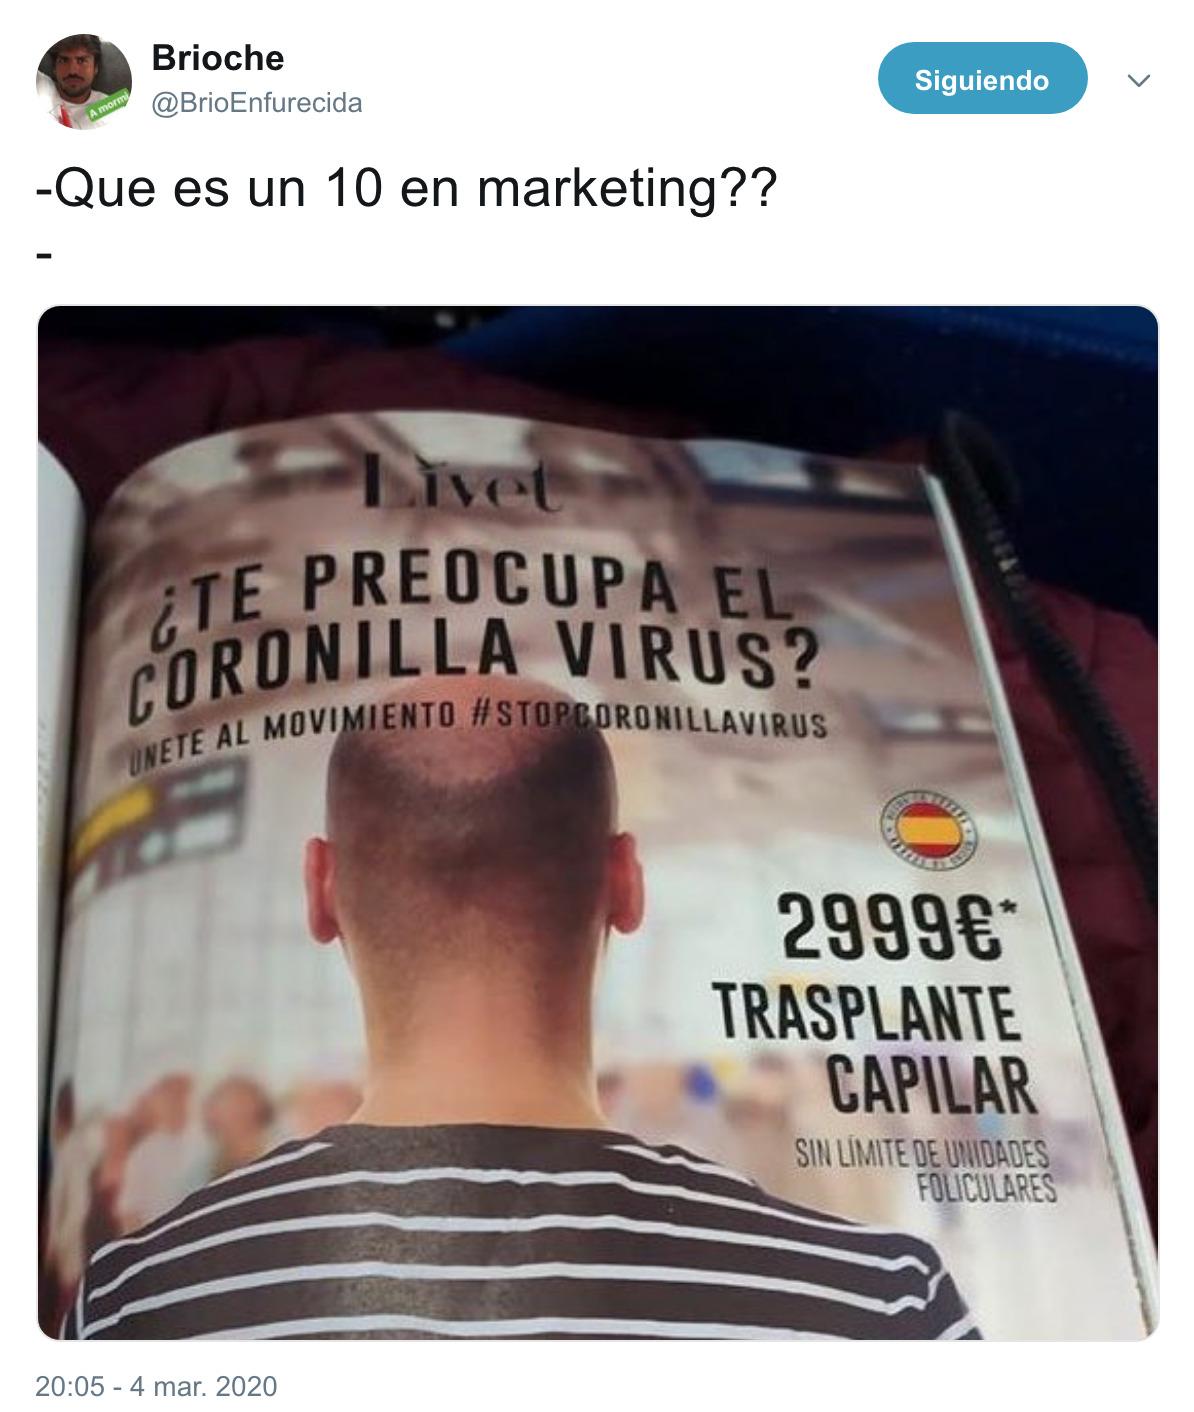 1732 - 10 en marketing, por @BrioEnfurecida